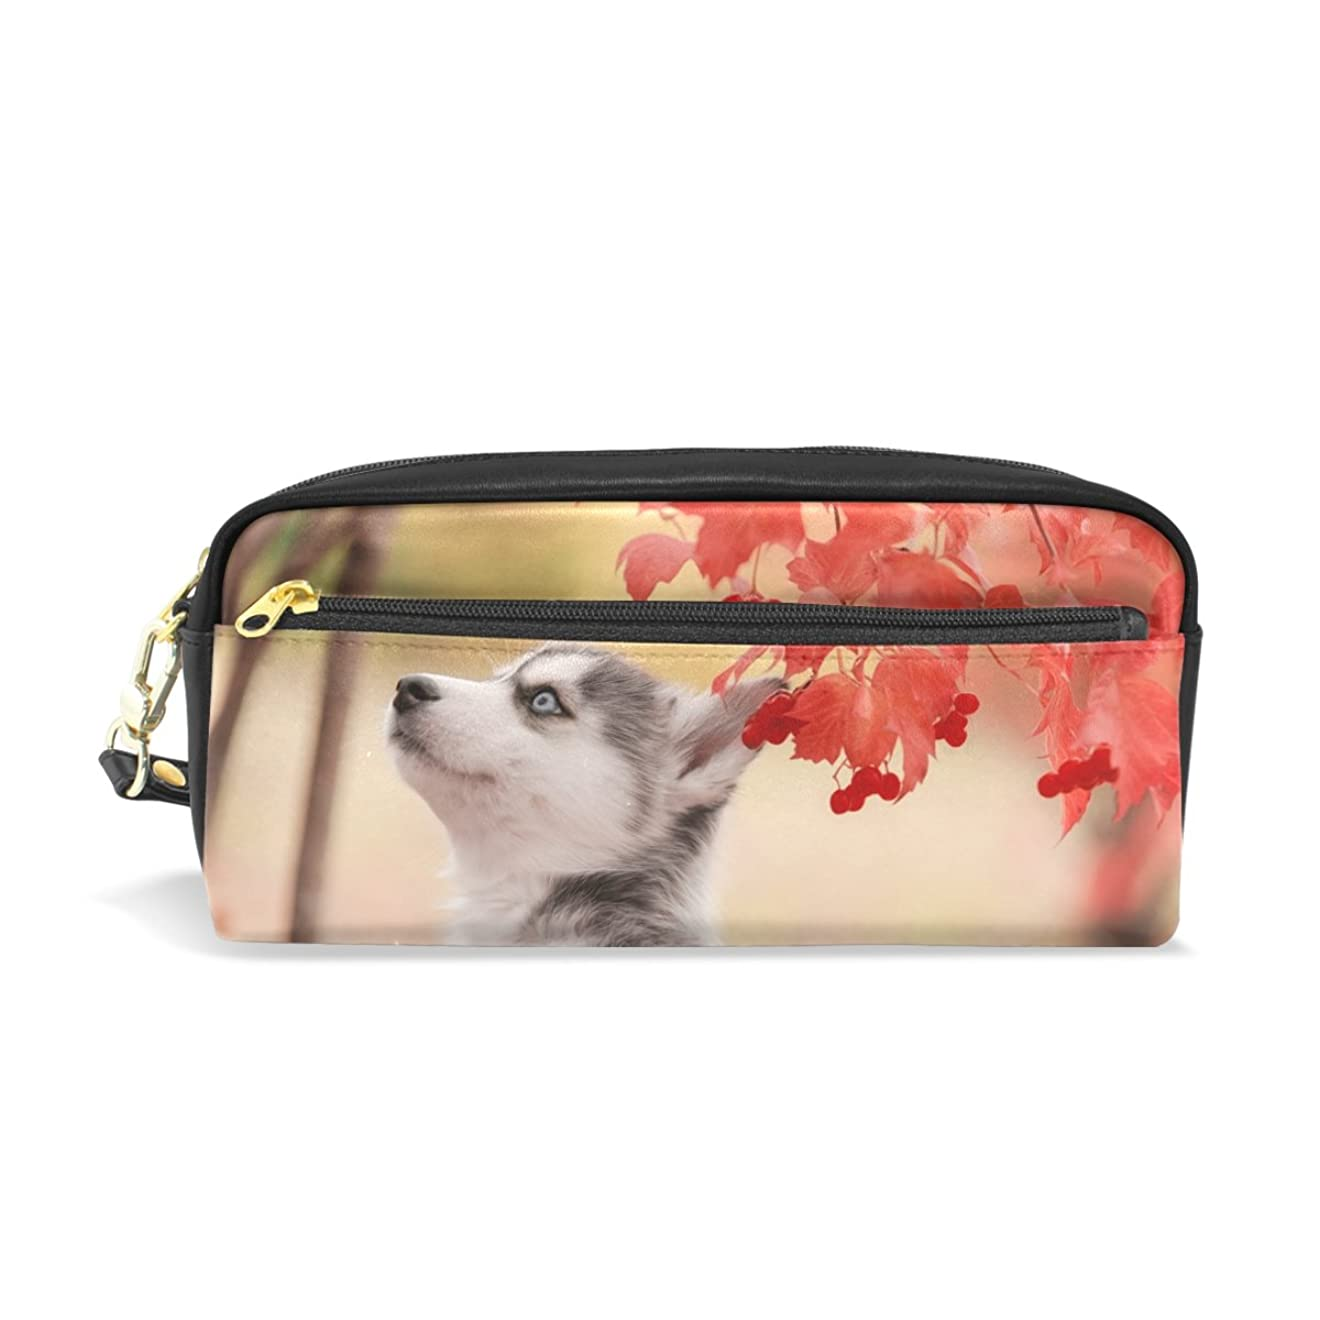 出費建設ミケランジェロAOMOKI ペンケース 化粧ポーチ 小物入り 多機能バッグ レディース 紅葉 ハスキー 犬